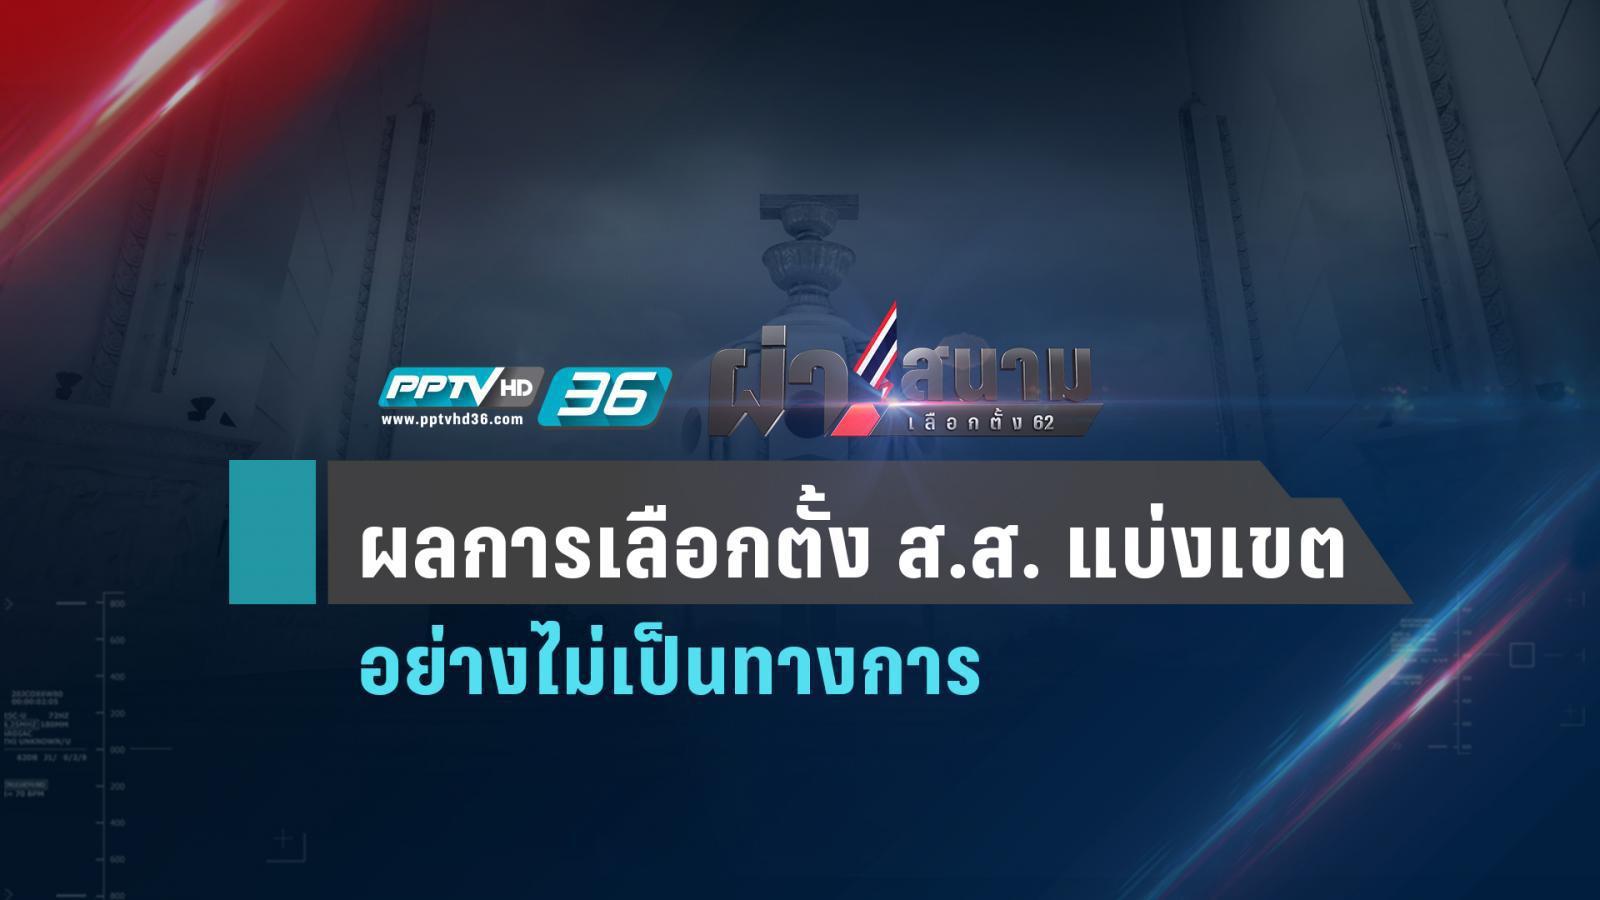 กกต. เผยผลเลือกตั้งแบ่งเขตแล้ว เพื่อไทยมาอันดับหนึ่ง 138 เขต